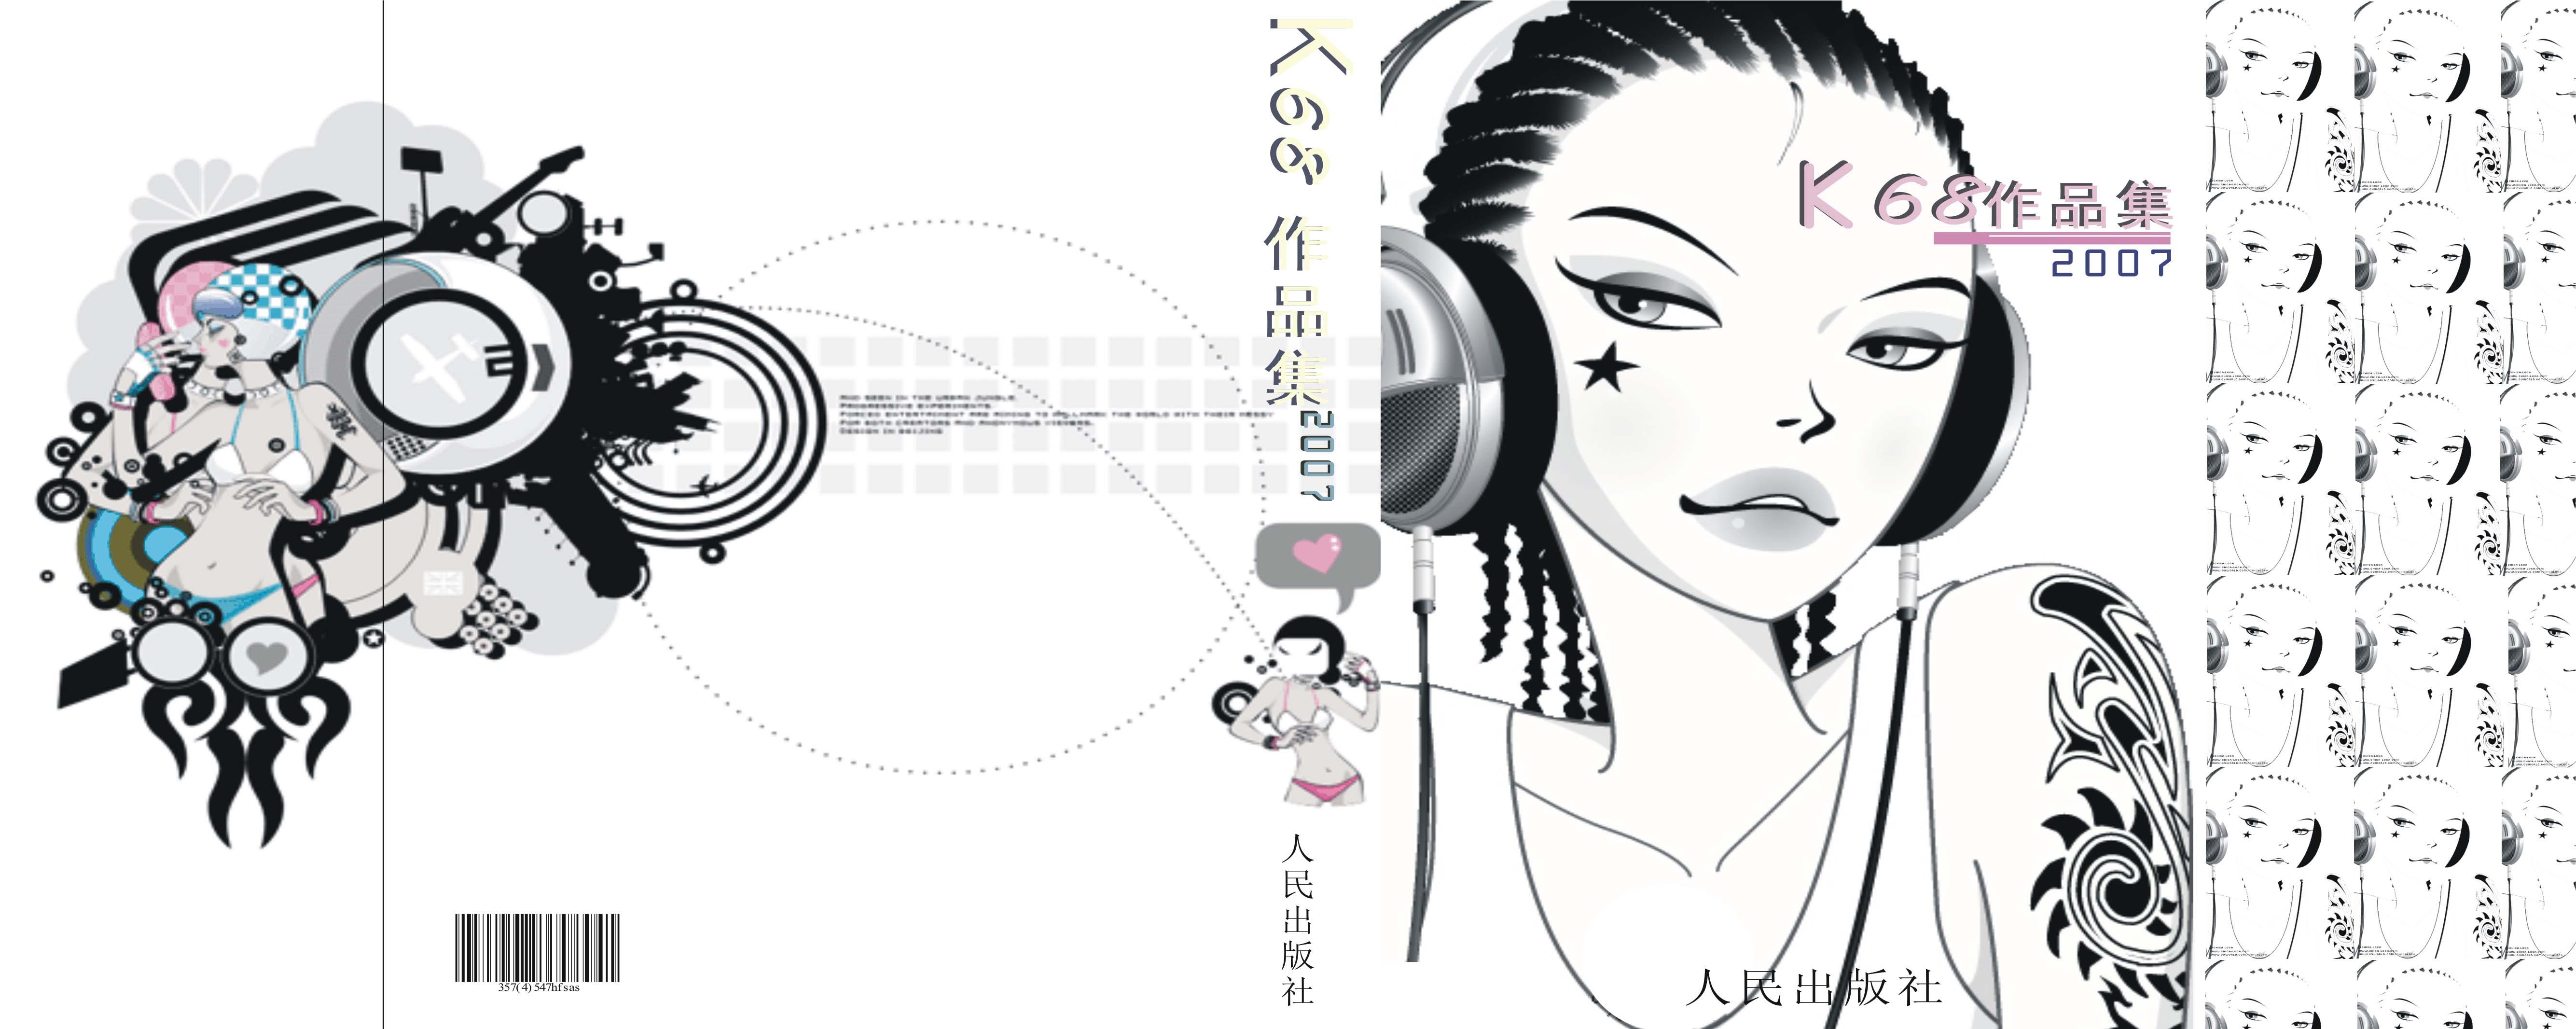 k68作品集封面设计_103元